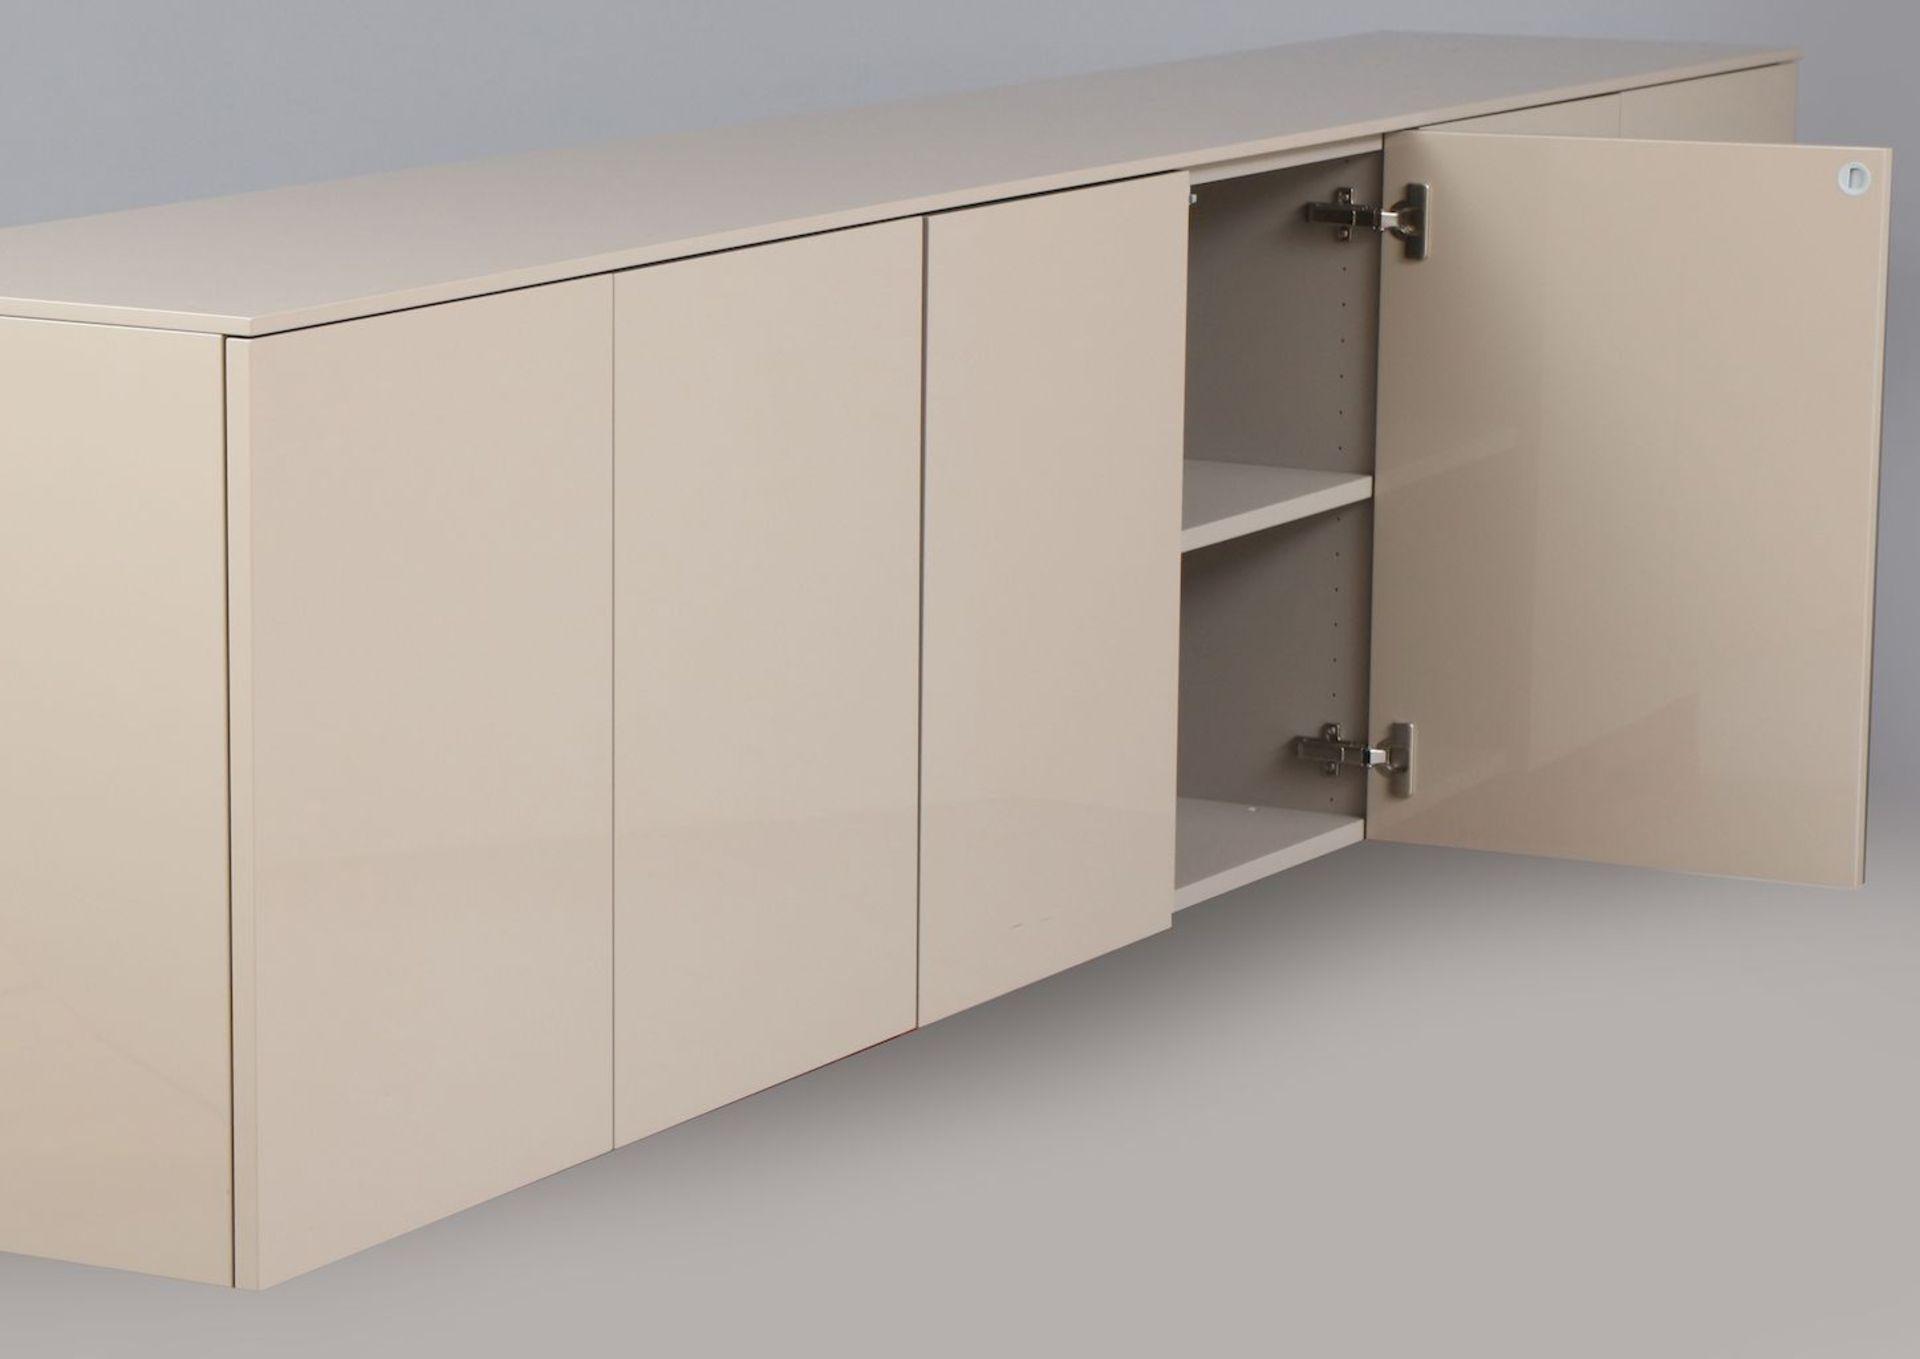 CAPELLINI Sideboard (schwebend, für die Wandmontur) - Image 2 of 4